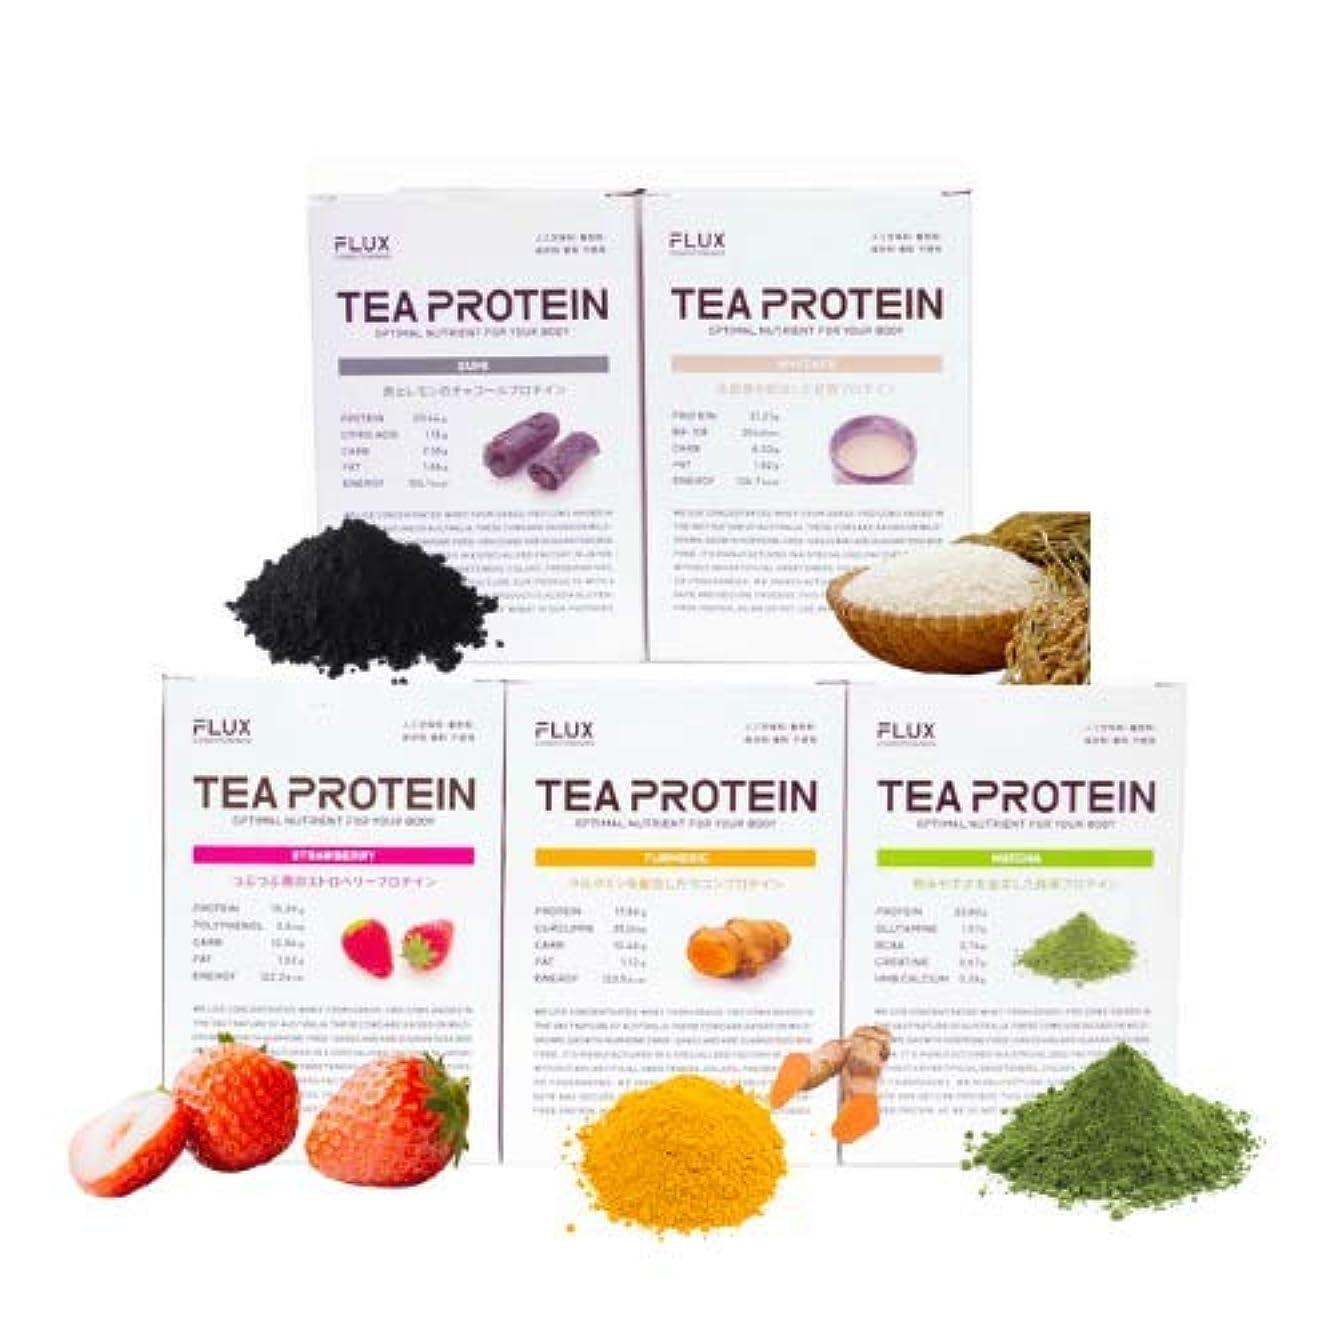 かどうか見ましたはっきりと【1食分】 (ストロベリー)TEA PROTEIN(ティープロテイン )